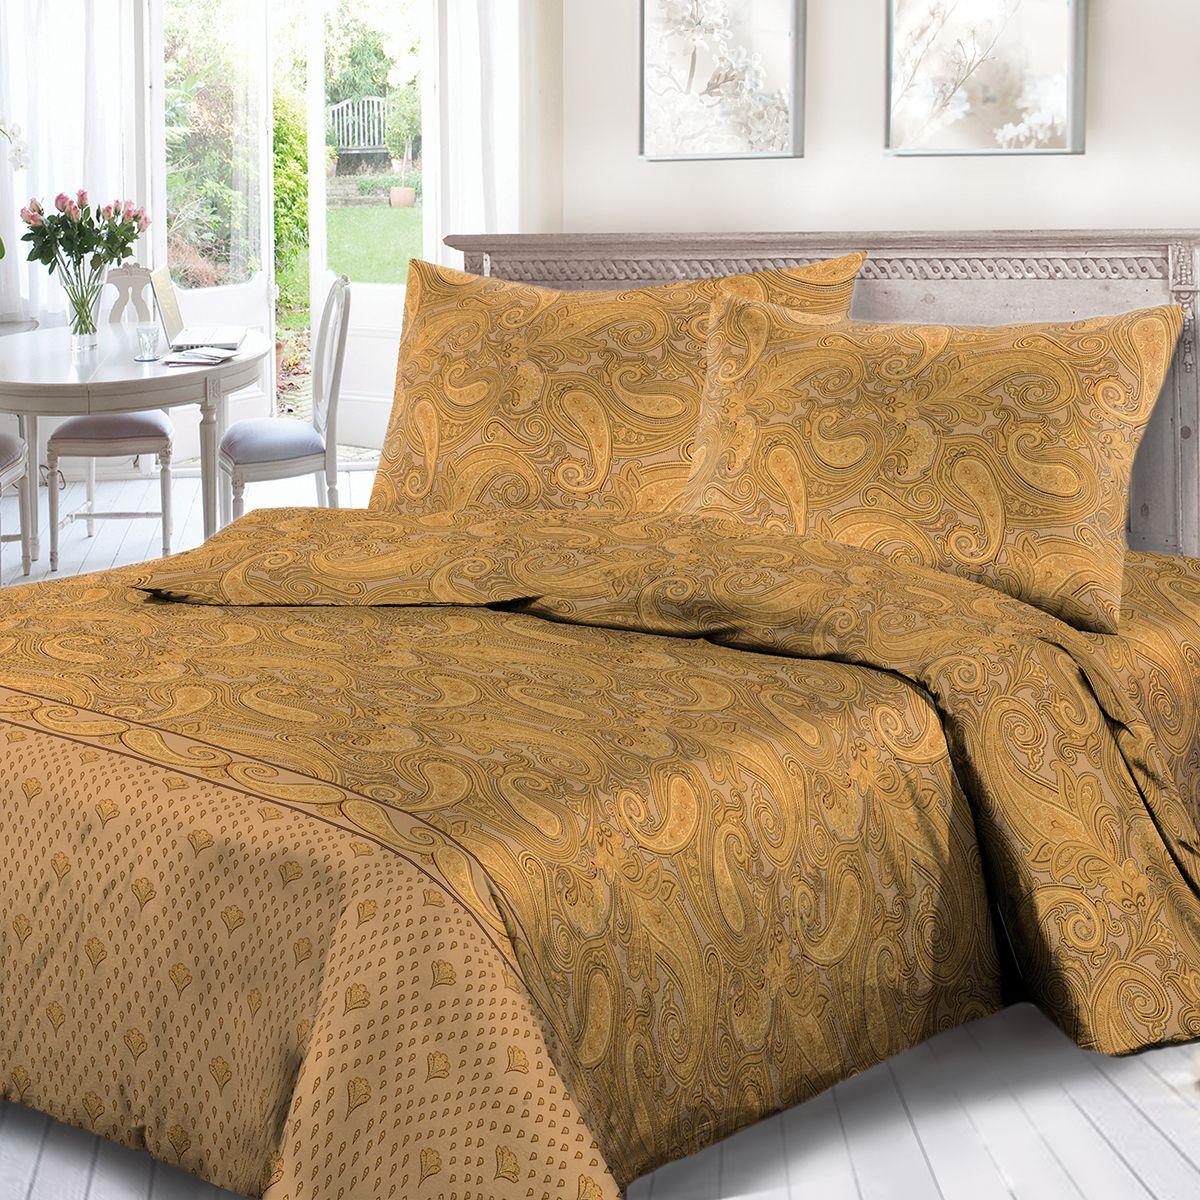 Комплект белья Сорренто Тадж Махал, семейный, наволочки 70x70, цвет: коричневый. 1753-189097